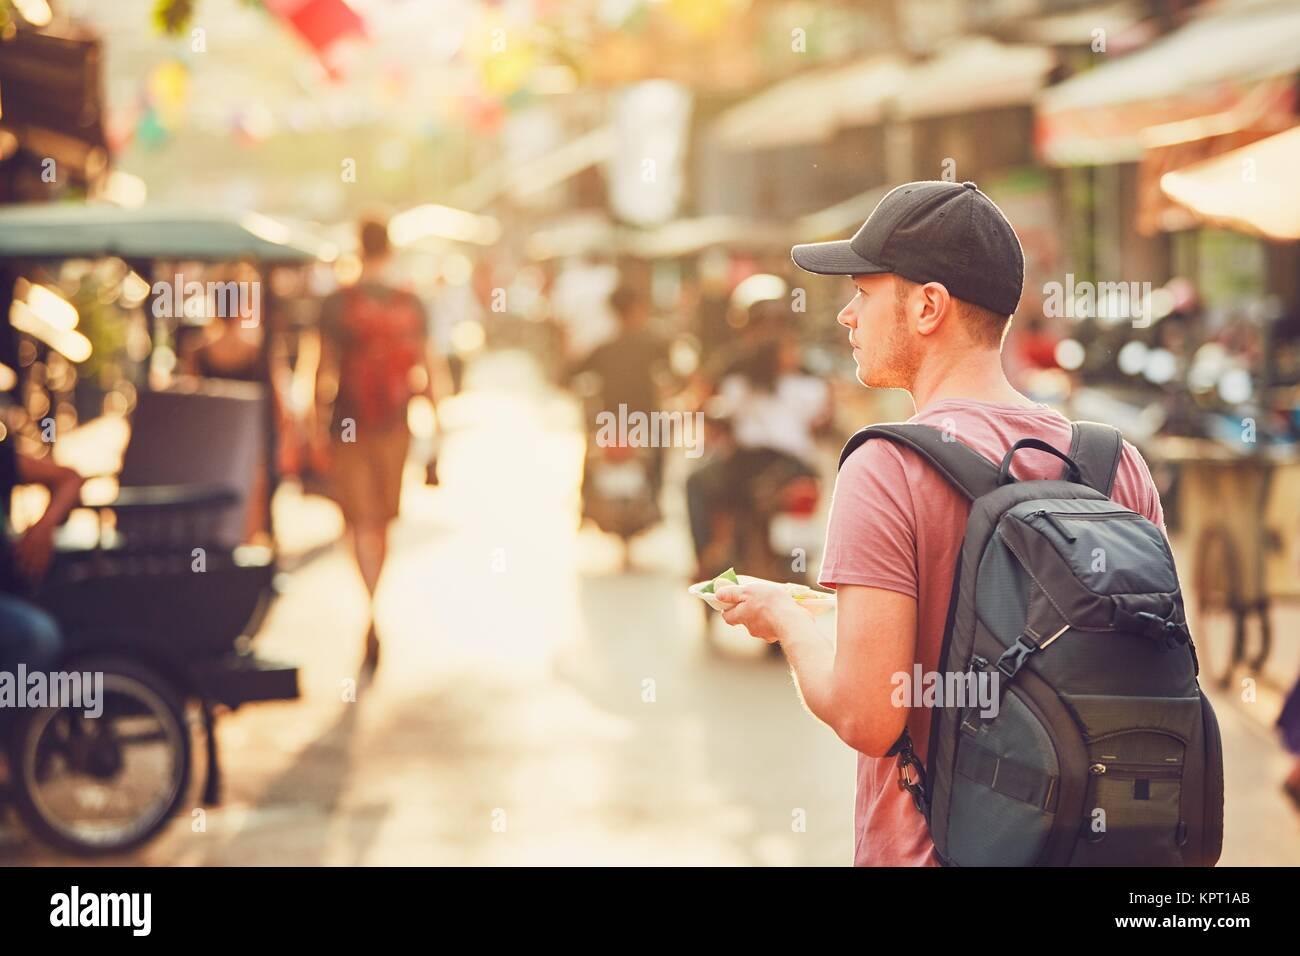 Junger Mann (touristische) mit Rucksack zu Fuß zu den Night Market kaufen Leckere süße Speisen. Belebten Stockbild